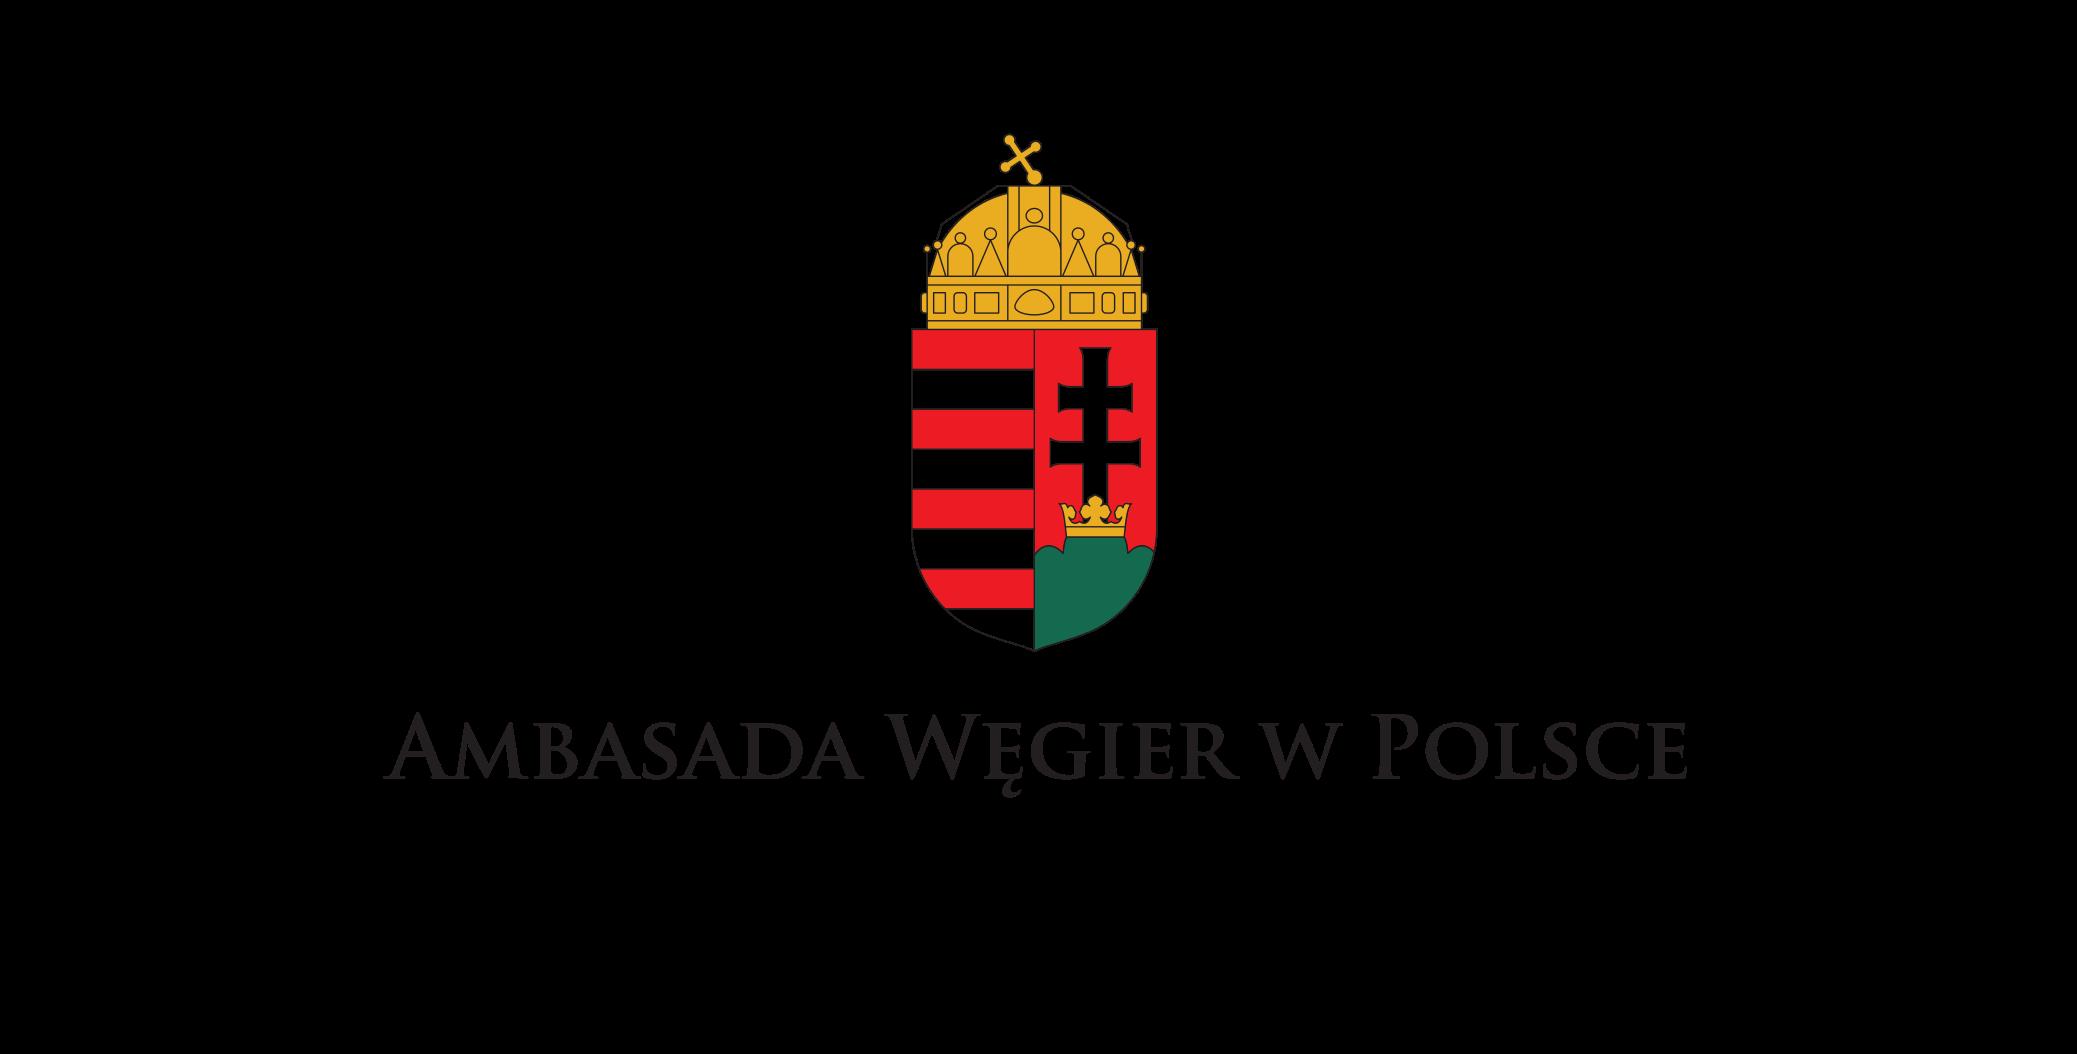 Ambasada Węgier